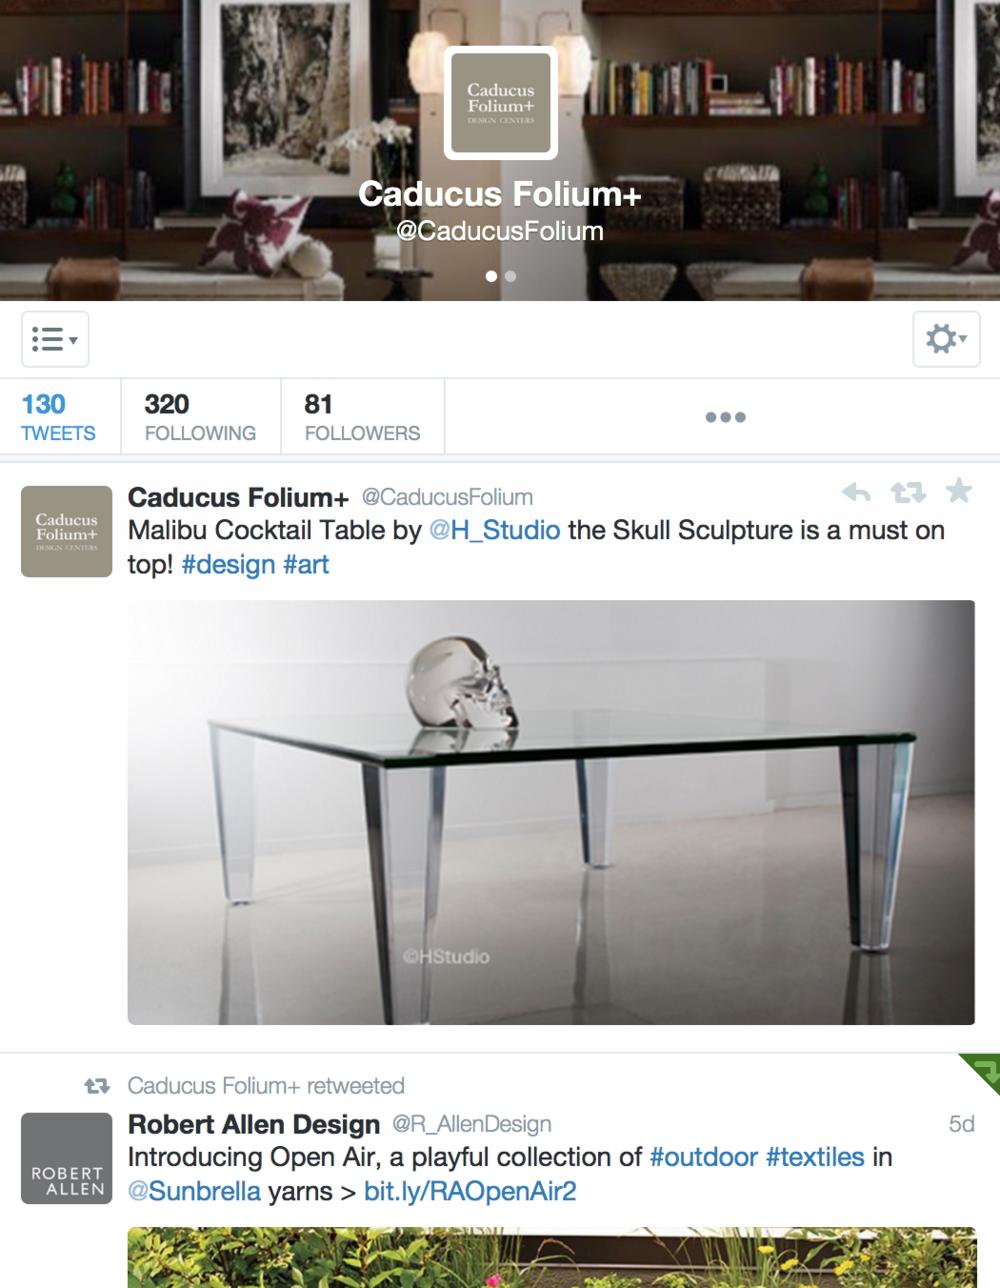 Caducus Folium Social Media